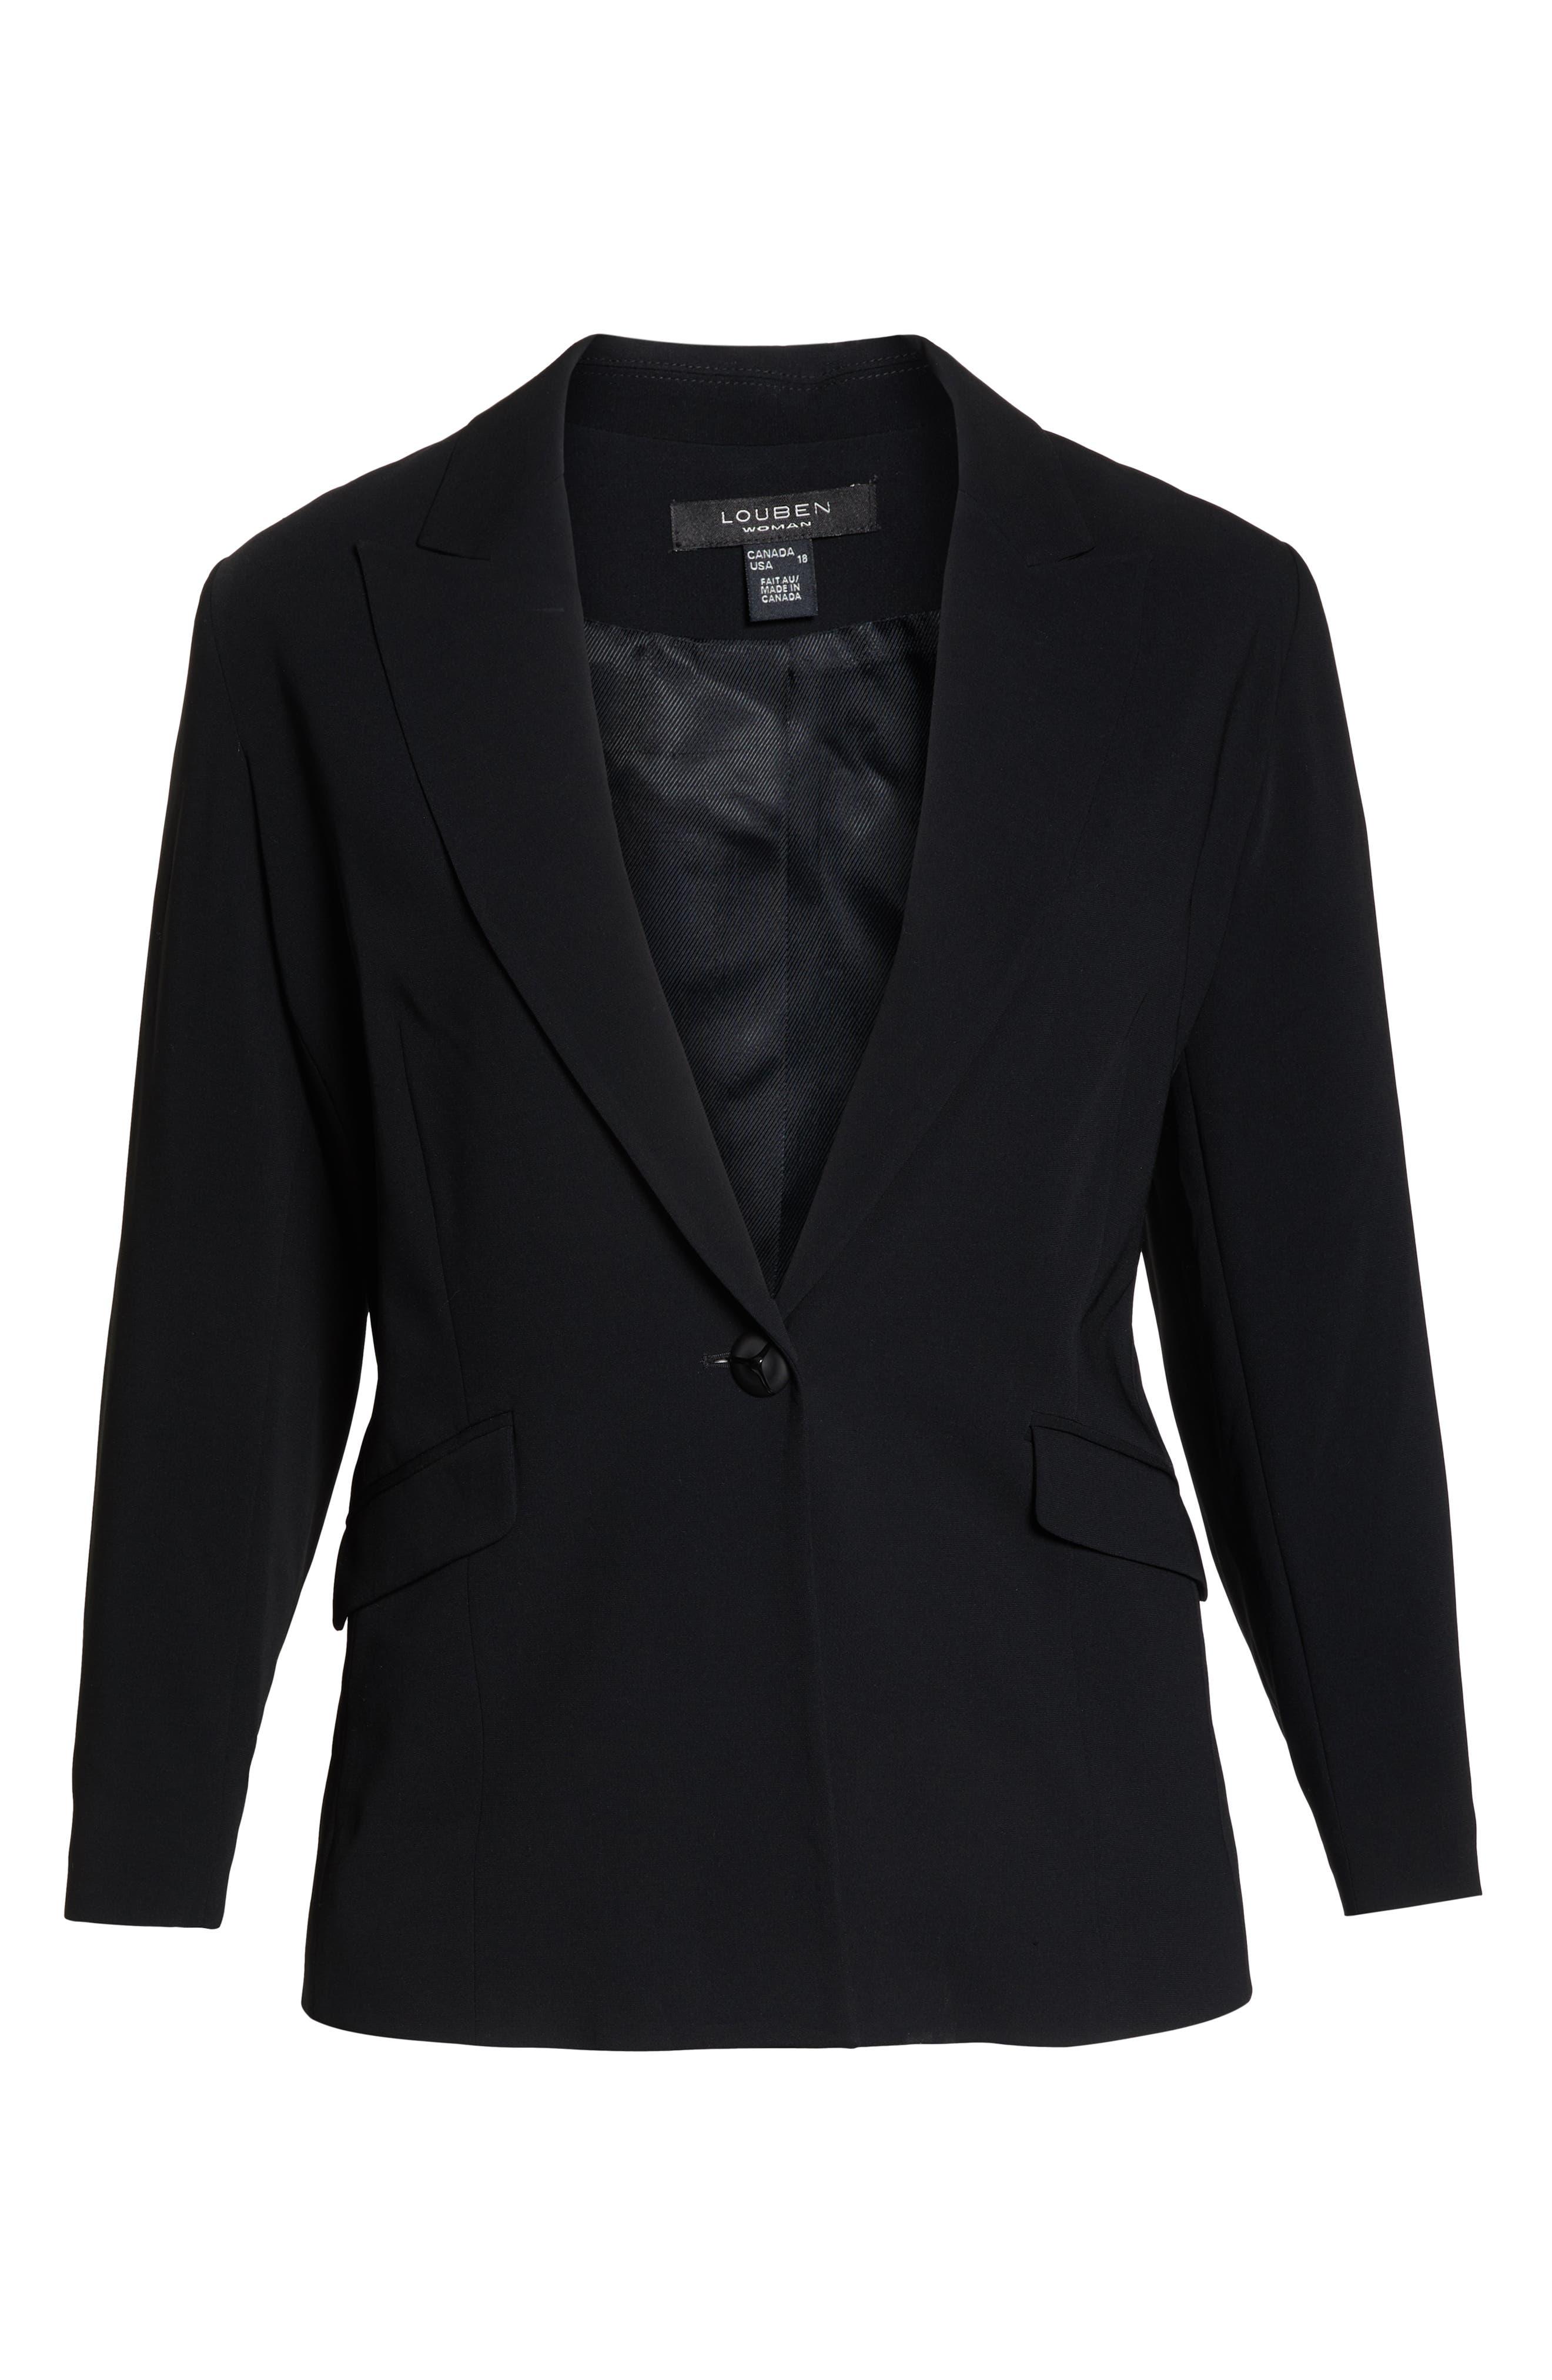 LOUBEN, Peak Lapel Suit Jacket, Alternate thumbnail 4, color, BLACK